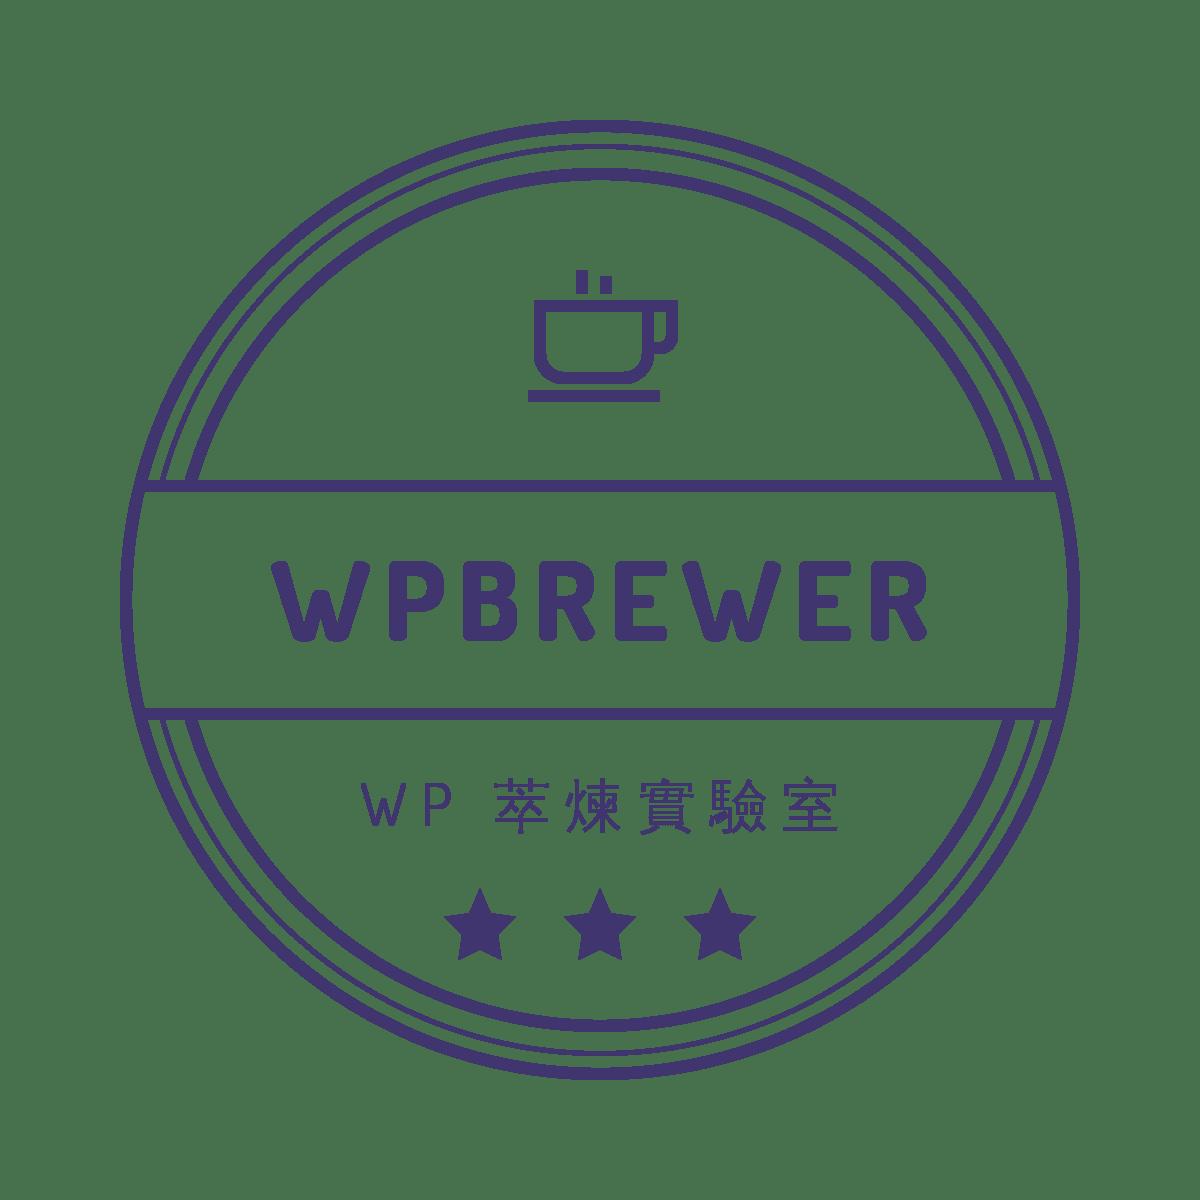 WPBrewer